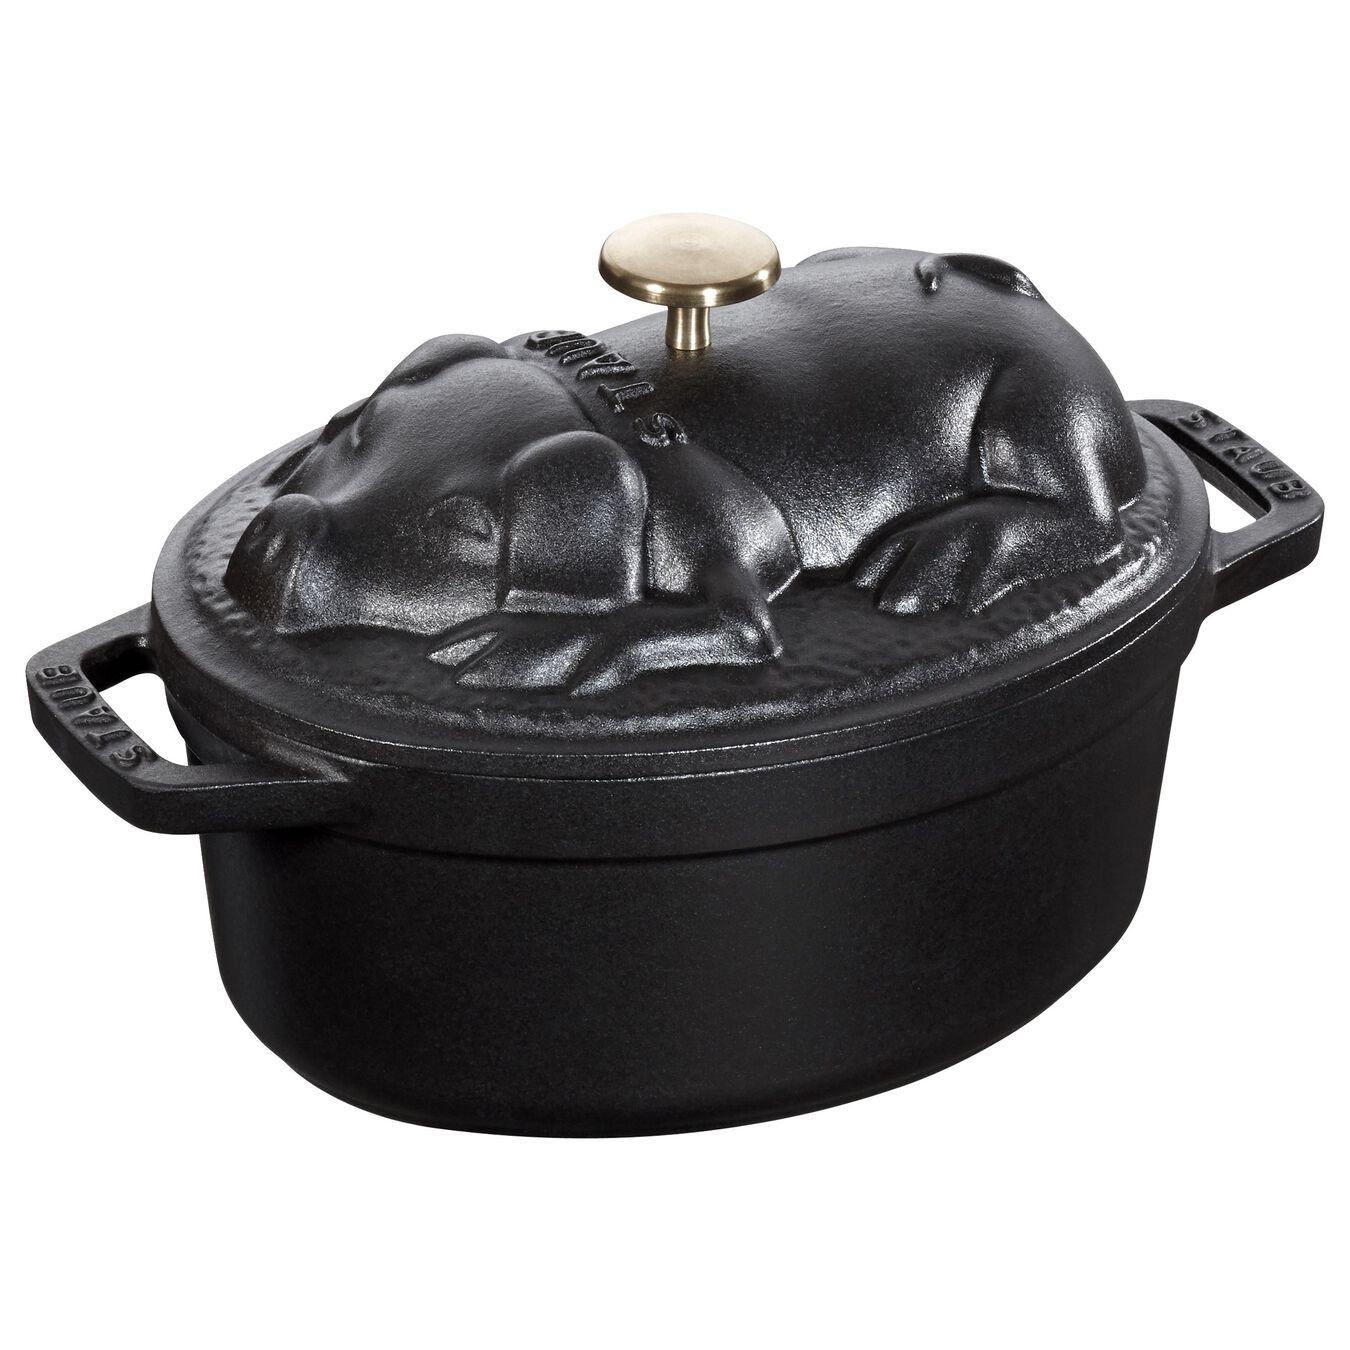 Cocotte 17 cm, Ovale, Noir, Fonte,,large 2